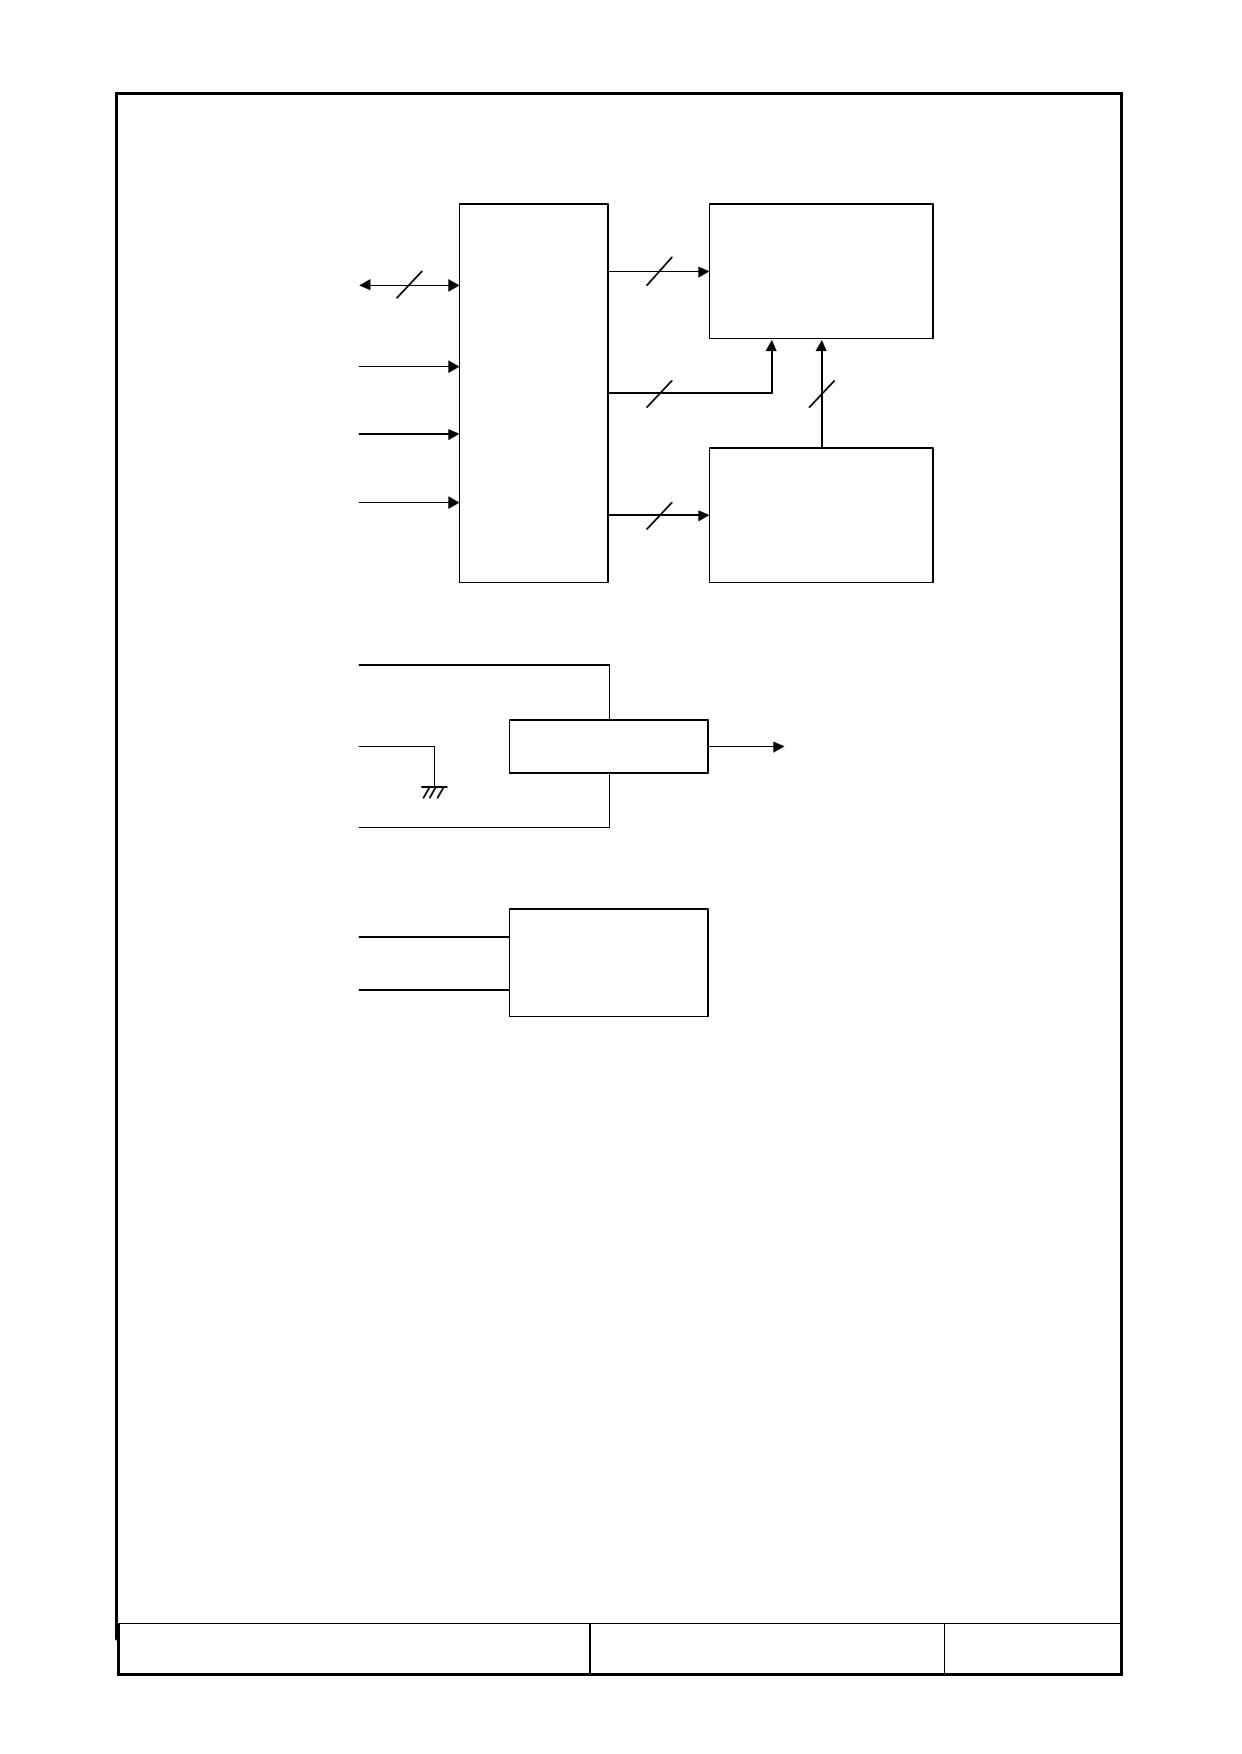 C-51505NFQJ-LW-AD arduino